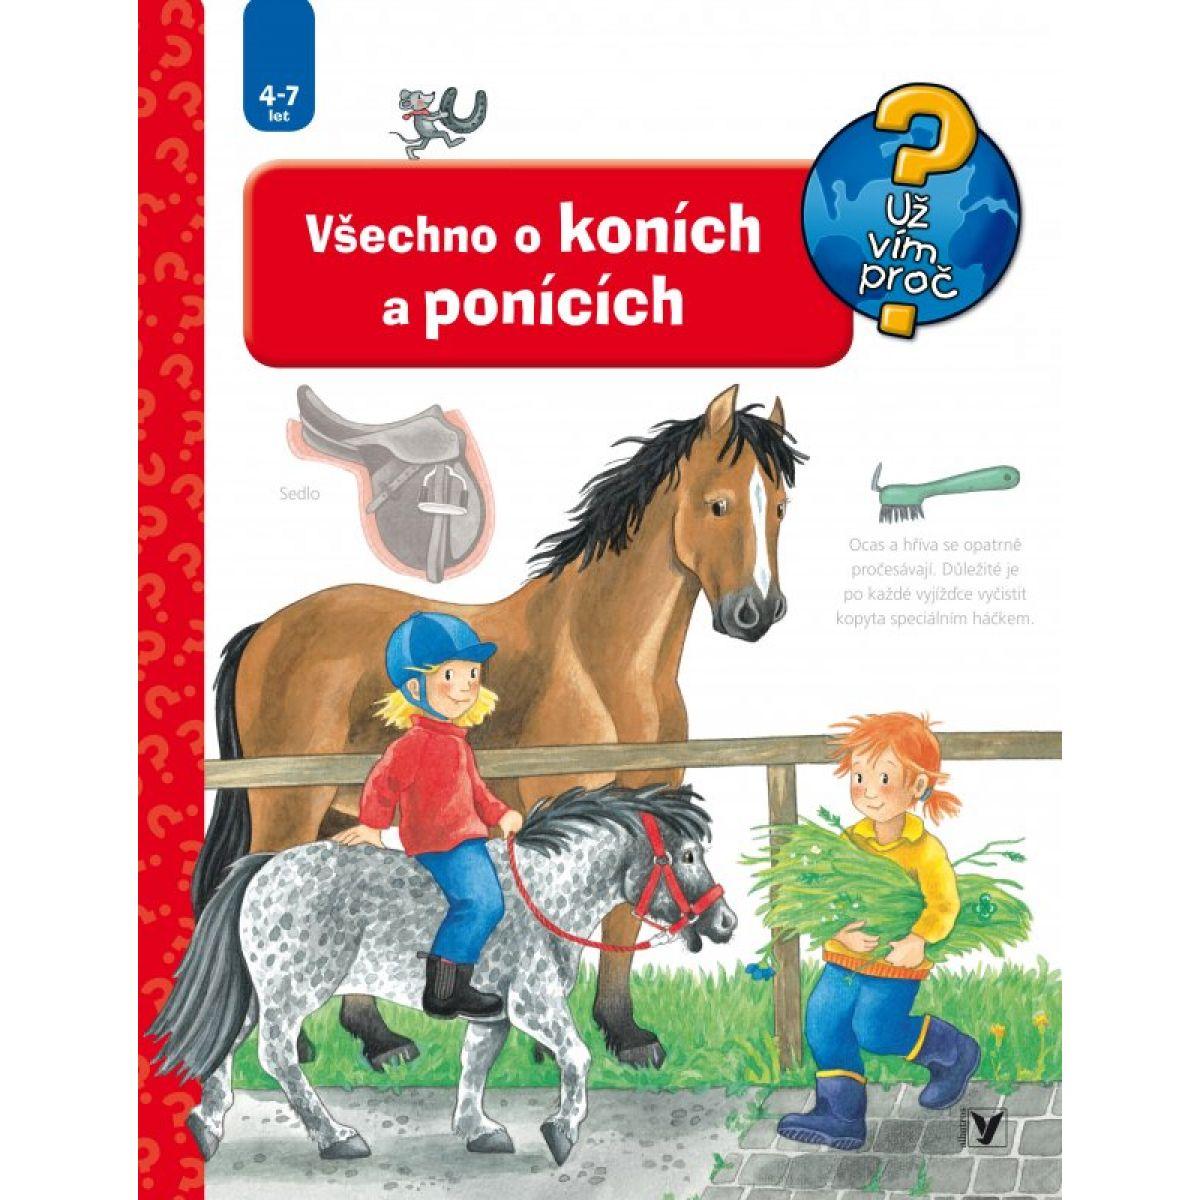 Všechno o koních a ponících - 2. vyd. - Andrea Erne, Irmgard Eberhard